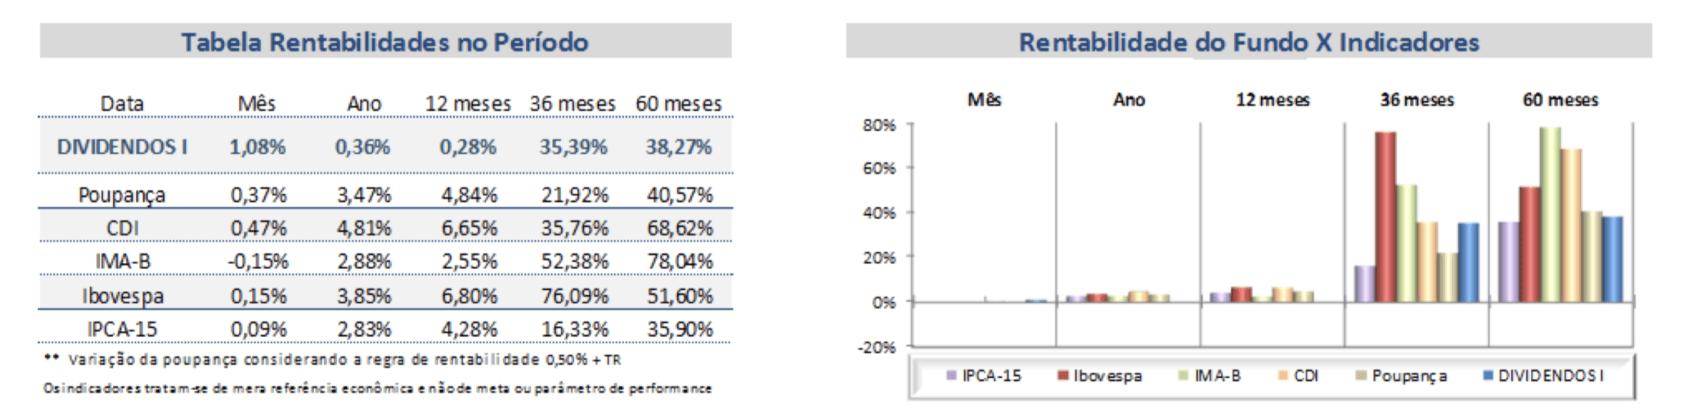 Rendimento do multimercado BB - Previdência privada do Banco do Brasil